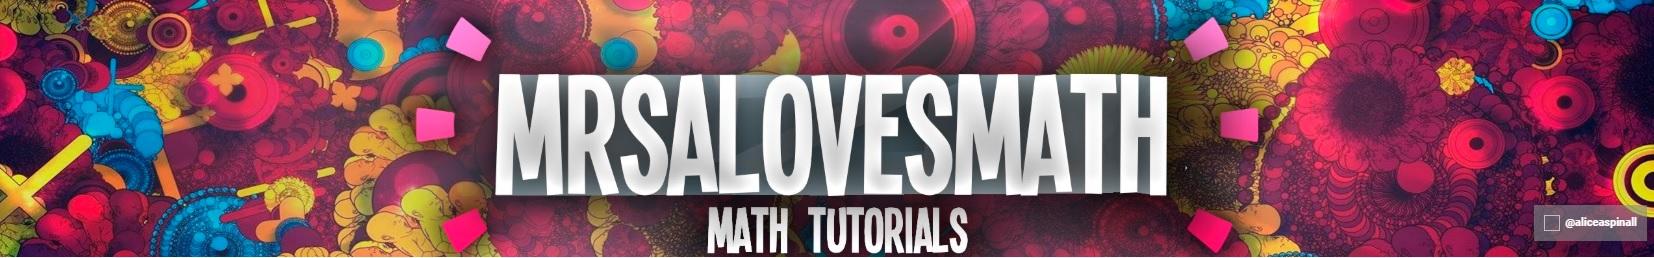 MrsALoveMath.jpg